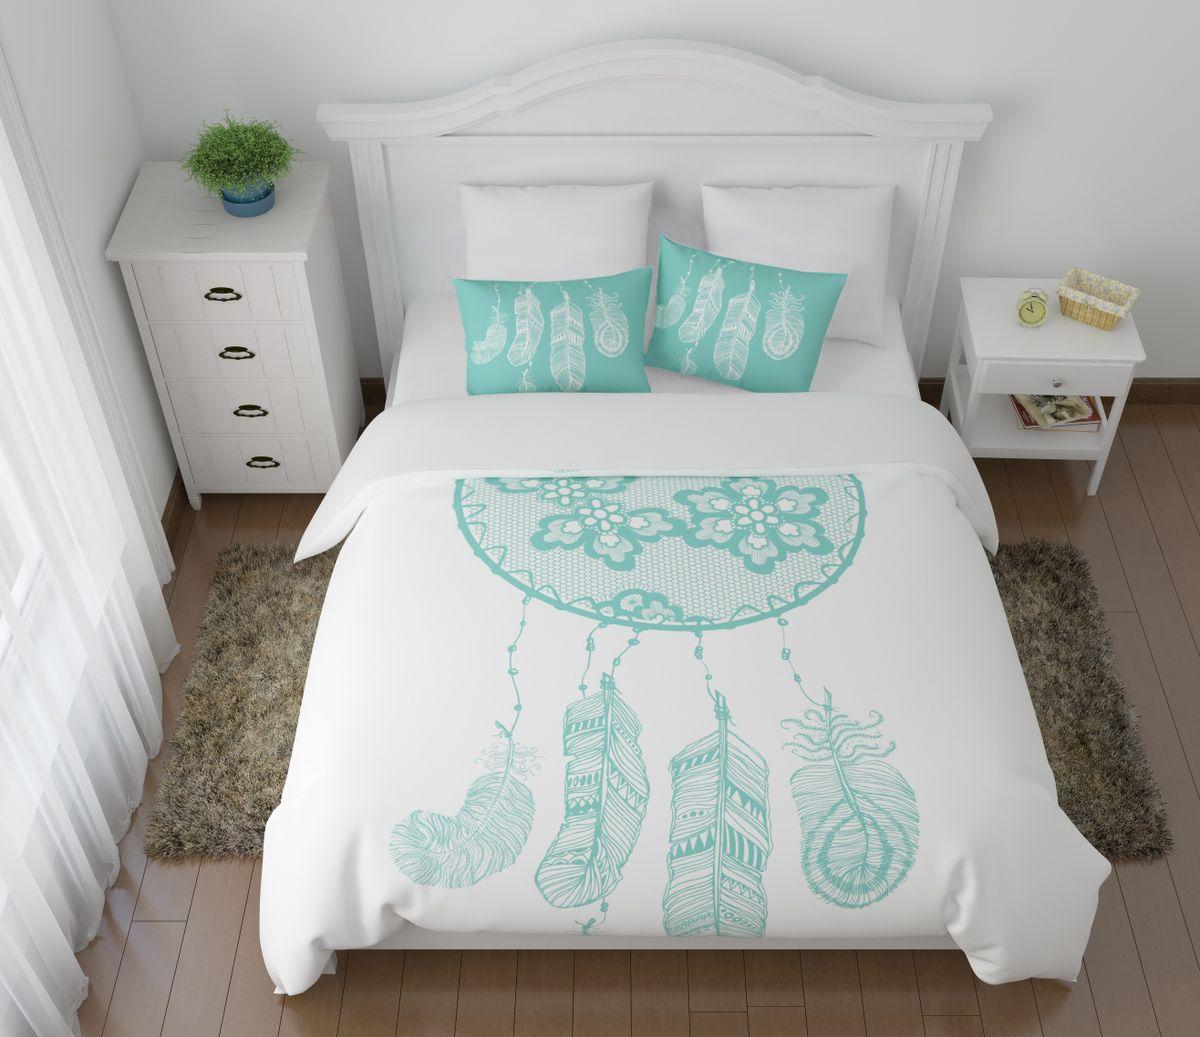 Комплект белья Сирень Тайны сна, 1,5-спальный, наволочки 50x70FD-59Комплект постельного белья Сирень состоит из простыни, пододеяльника и 2 наволочек. Комплект выполнен из современных гипоаллергенных материалов. Приятный при прикосновении сатин - гарантия здорового, спокойного сна. Ткань хорошо впитывает влагу, надолго сохраняет яркость красок. Четкий, изящный рисунок в сочетании с насыщенными красками делает комплект постельного белья неповторимой изюминкой любого интерьера. Постельное белье идеально подойдет для подарка.